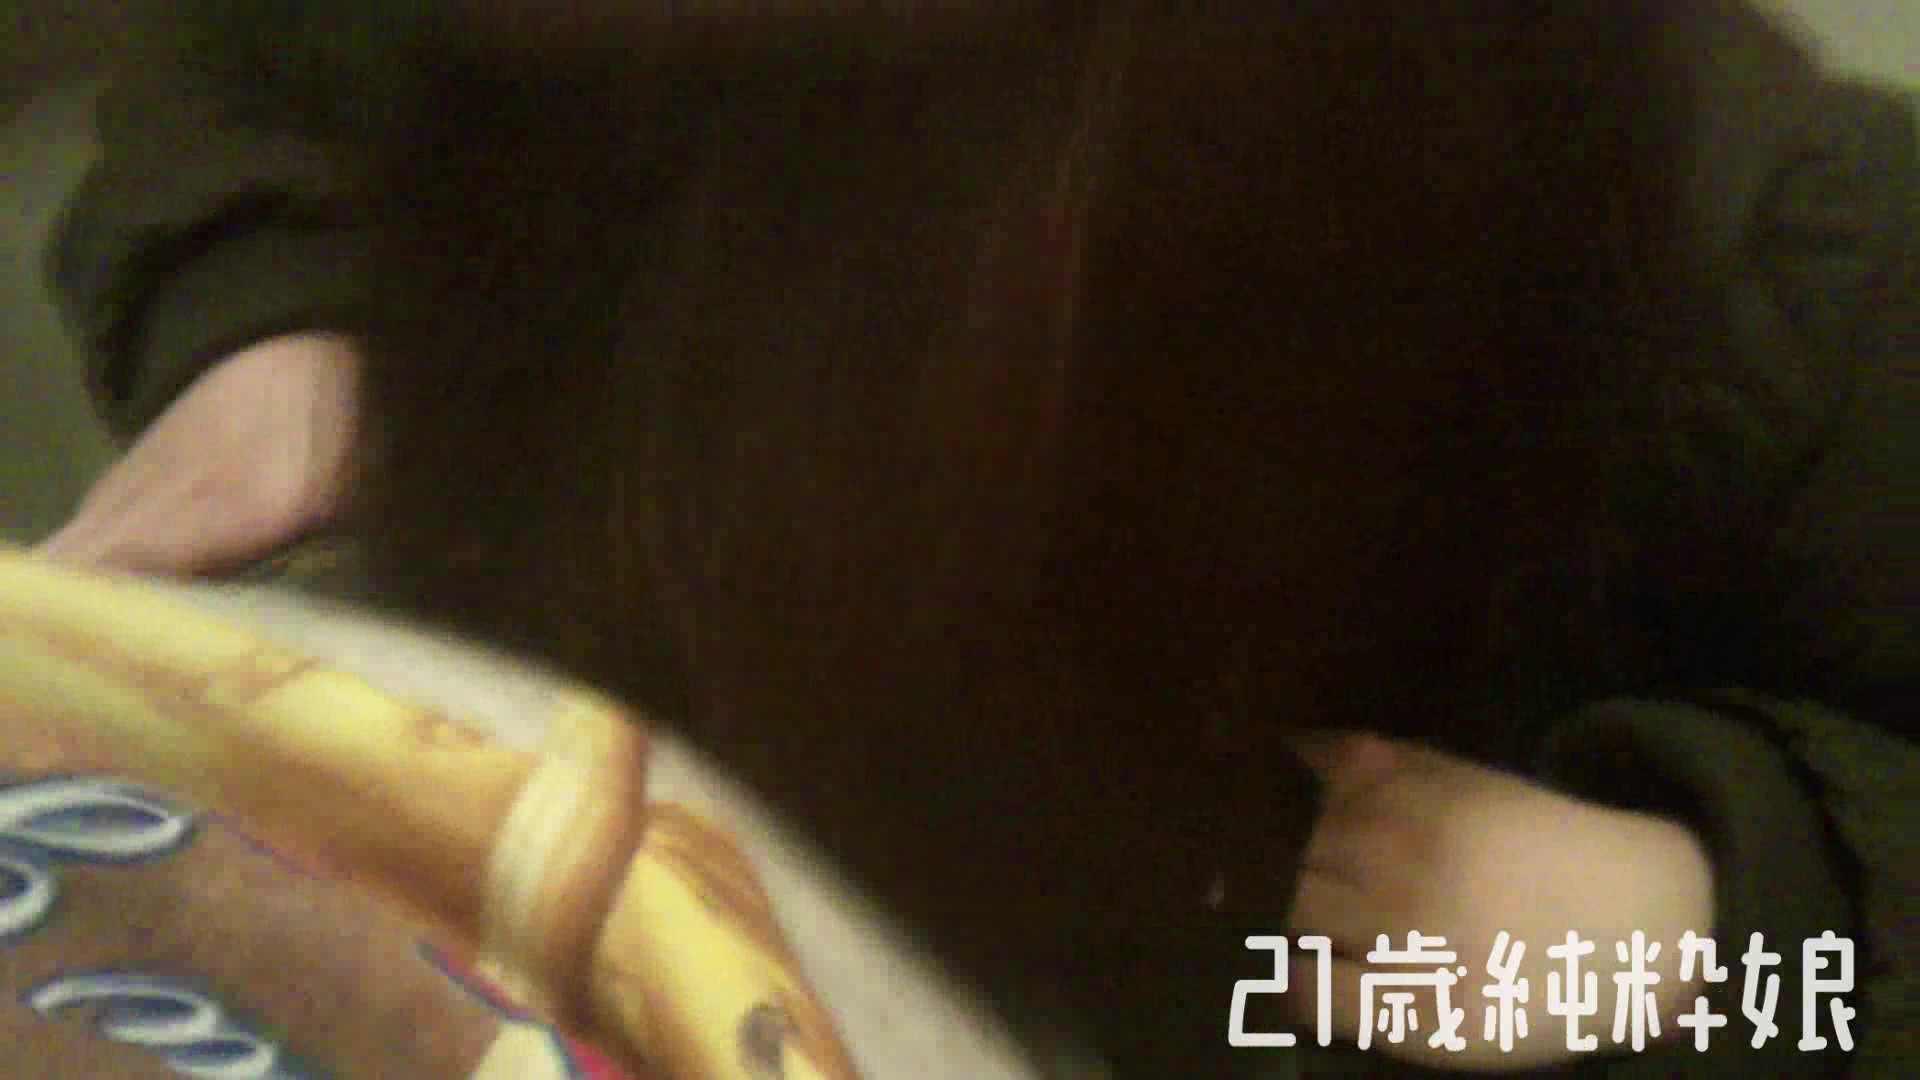 Gカップ21歳純粋嬢第2弾Vol.5 OL | 学校  75連発 48